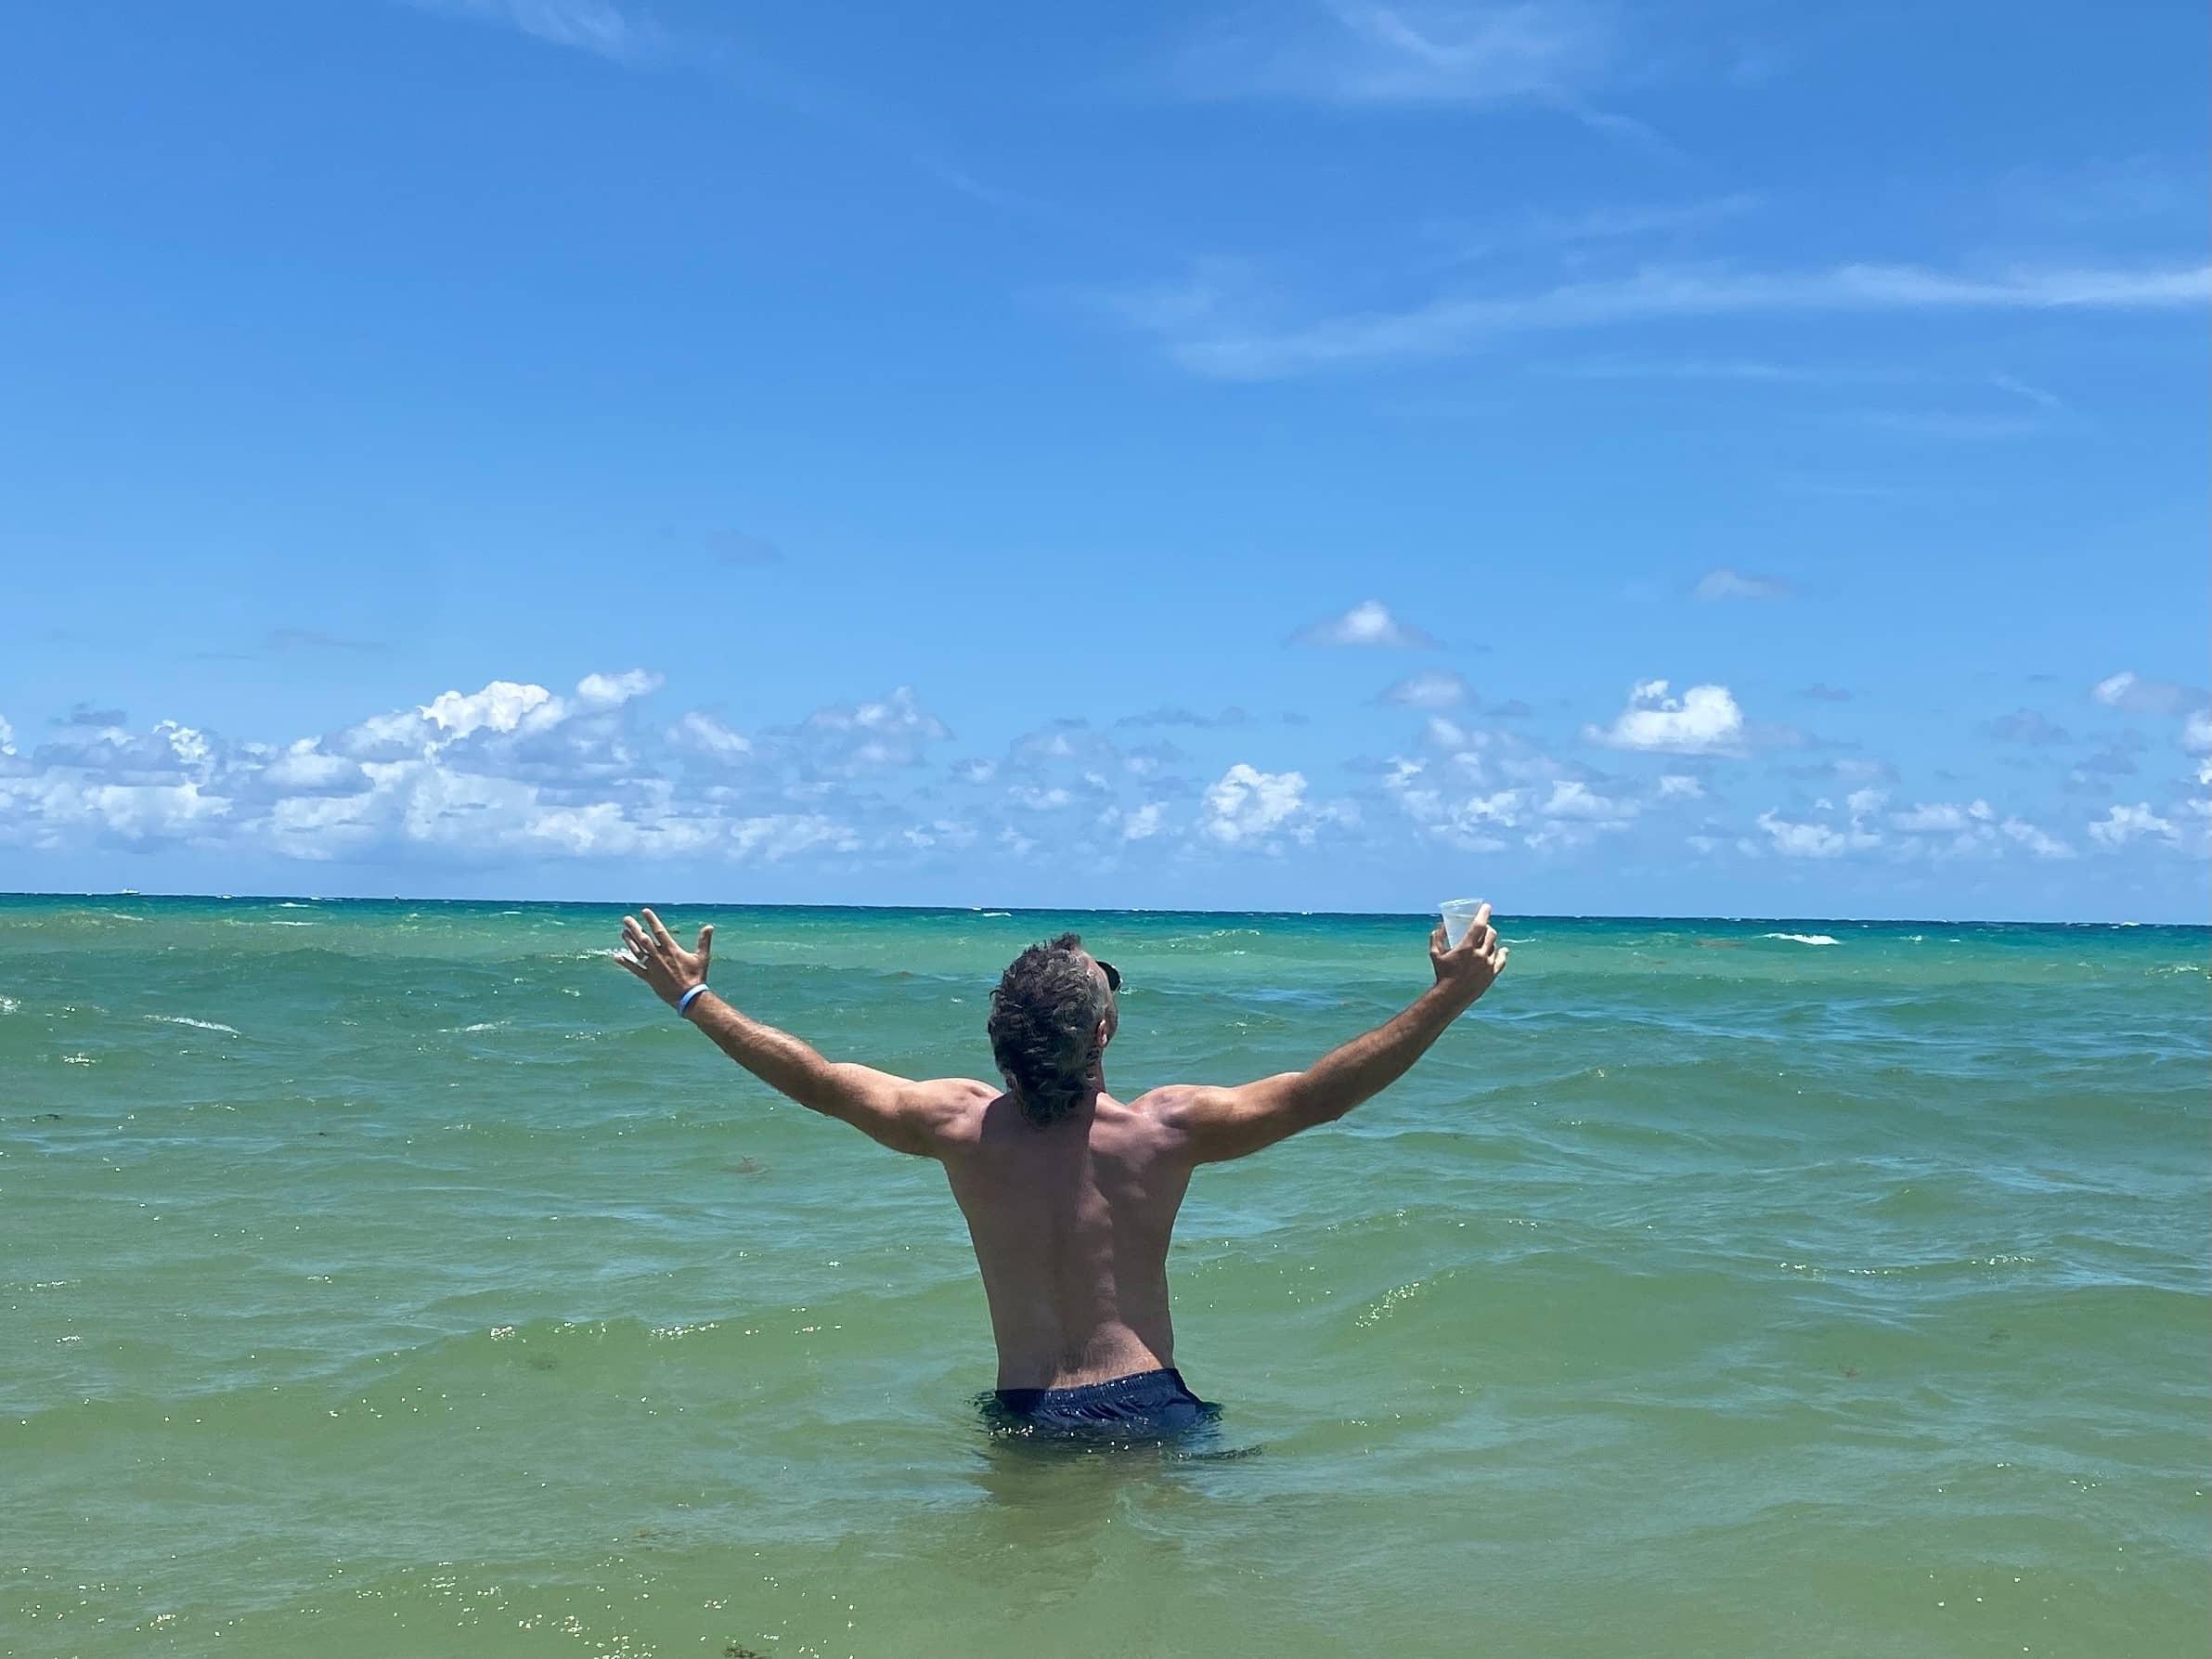 B-DOE in the ocean